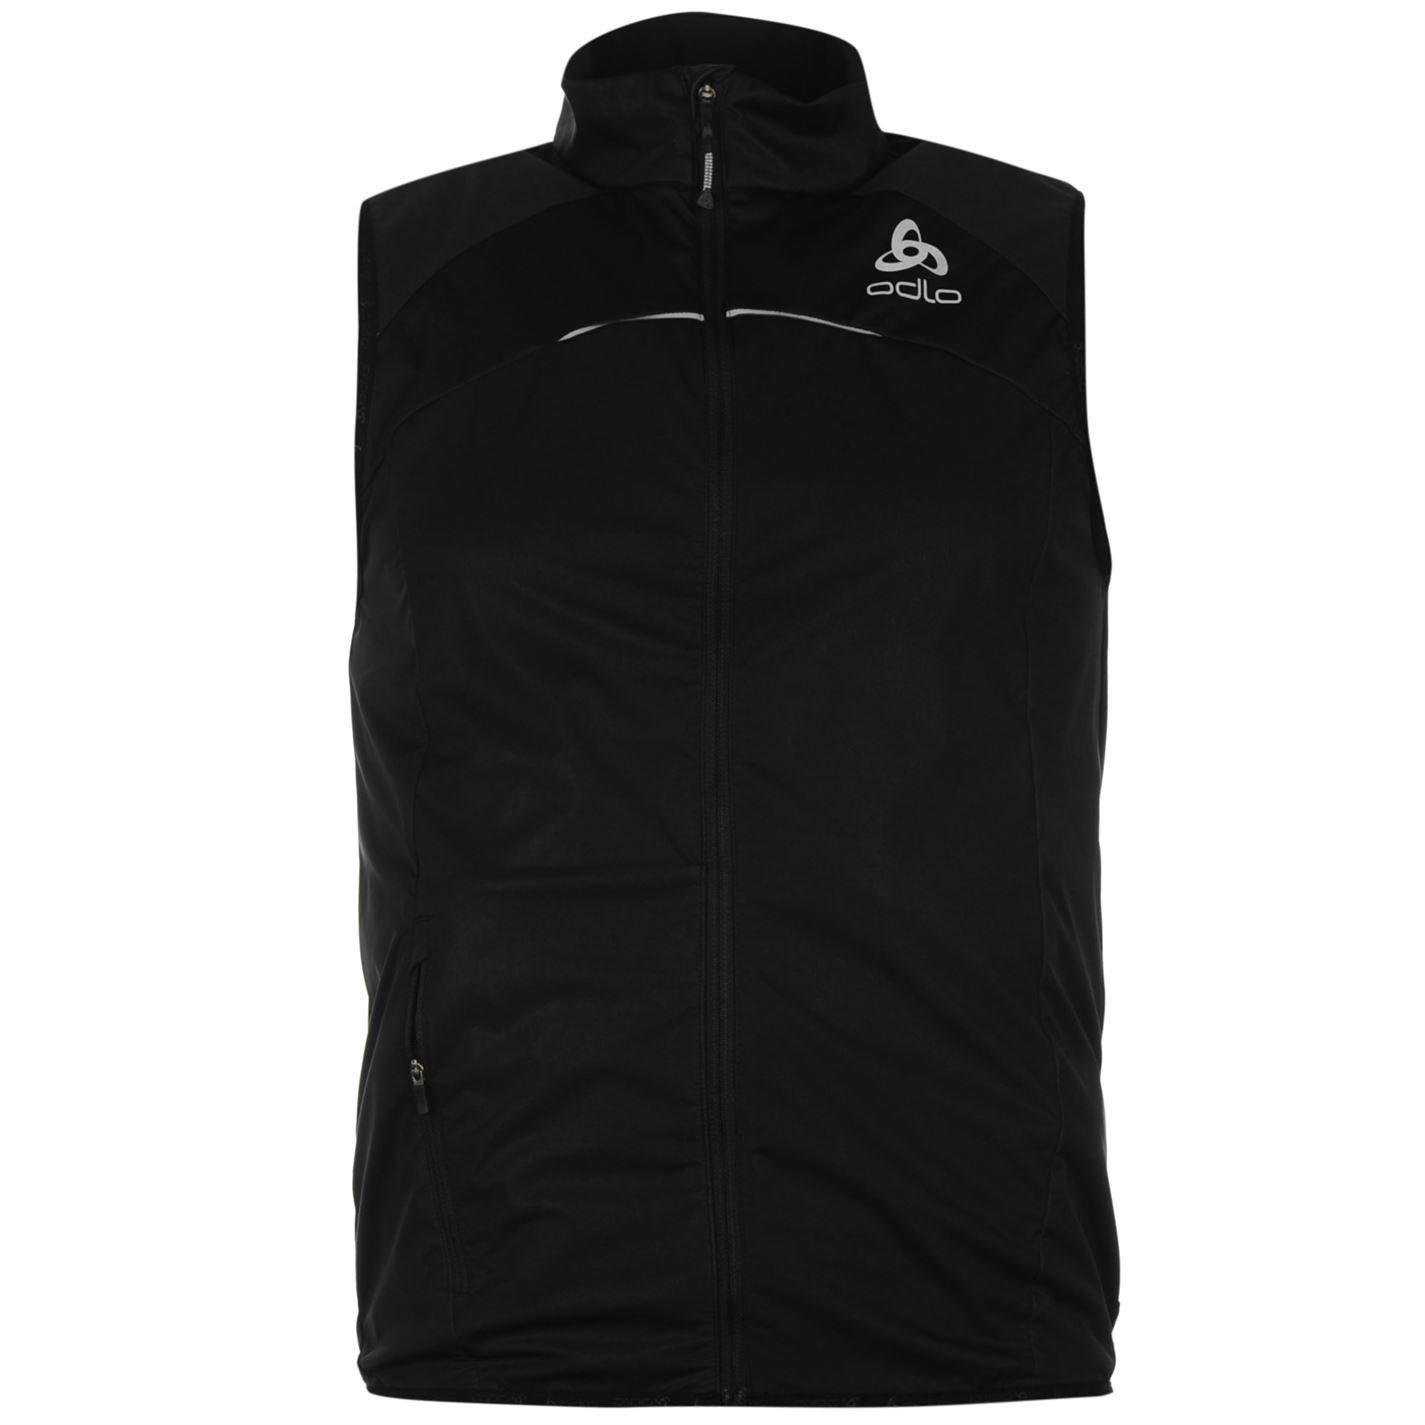 Odlo Mens Zero Gilet Jacket Coat Top Full Zip Fastening Windproof Clothing